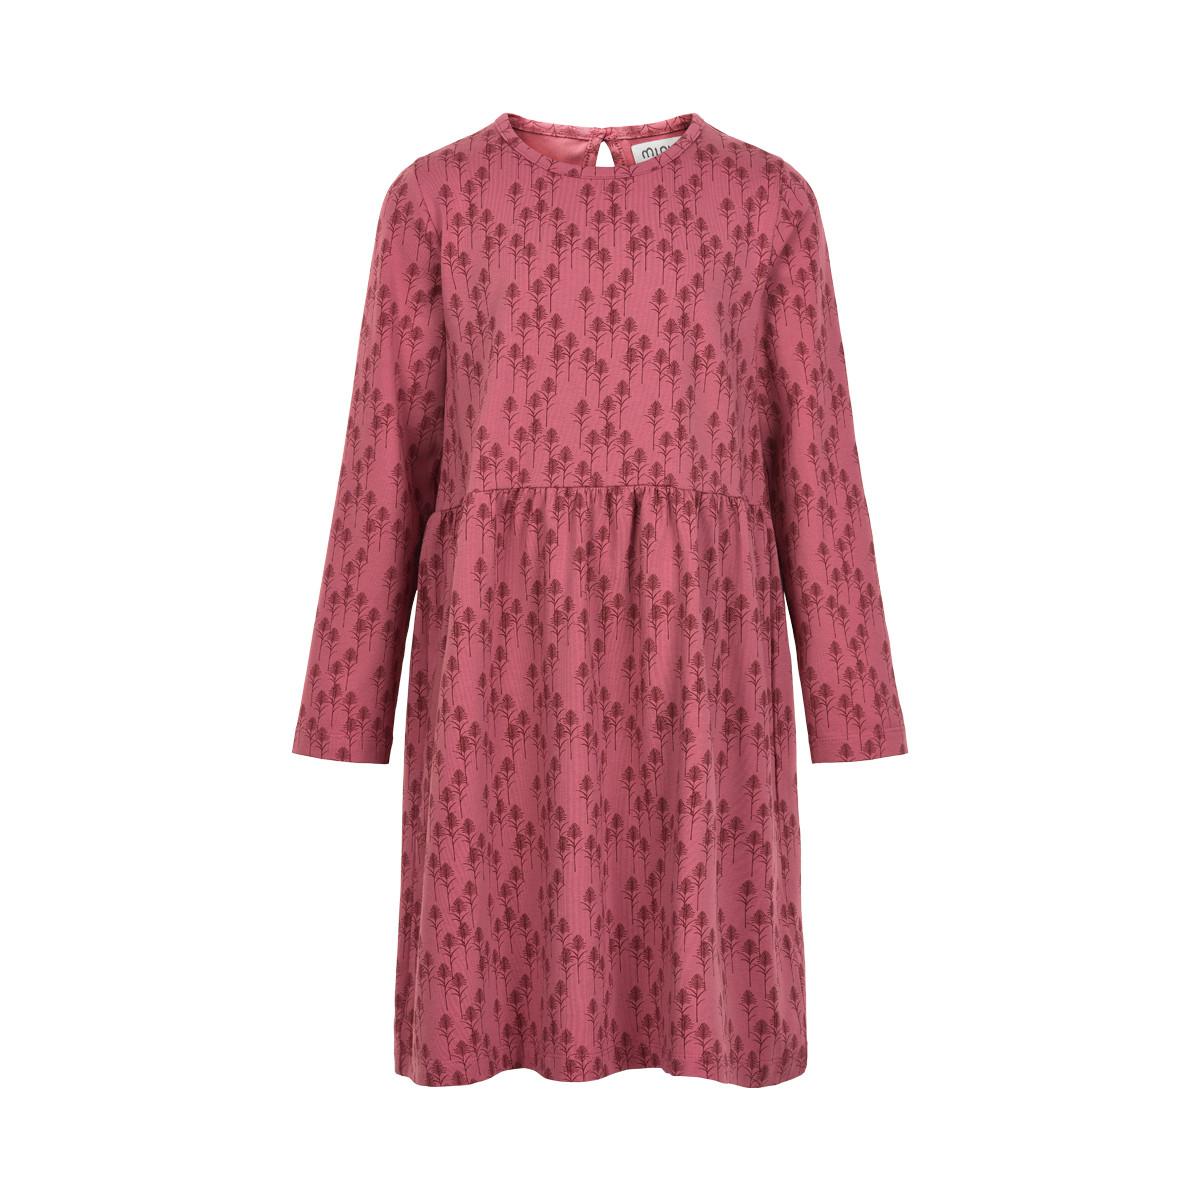 Minymo   Dress Ls Aopt   4y-14y   141094-4849